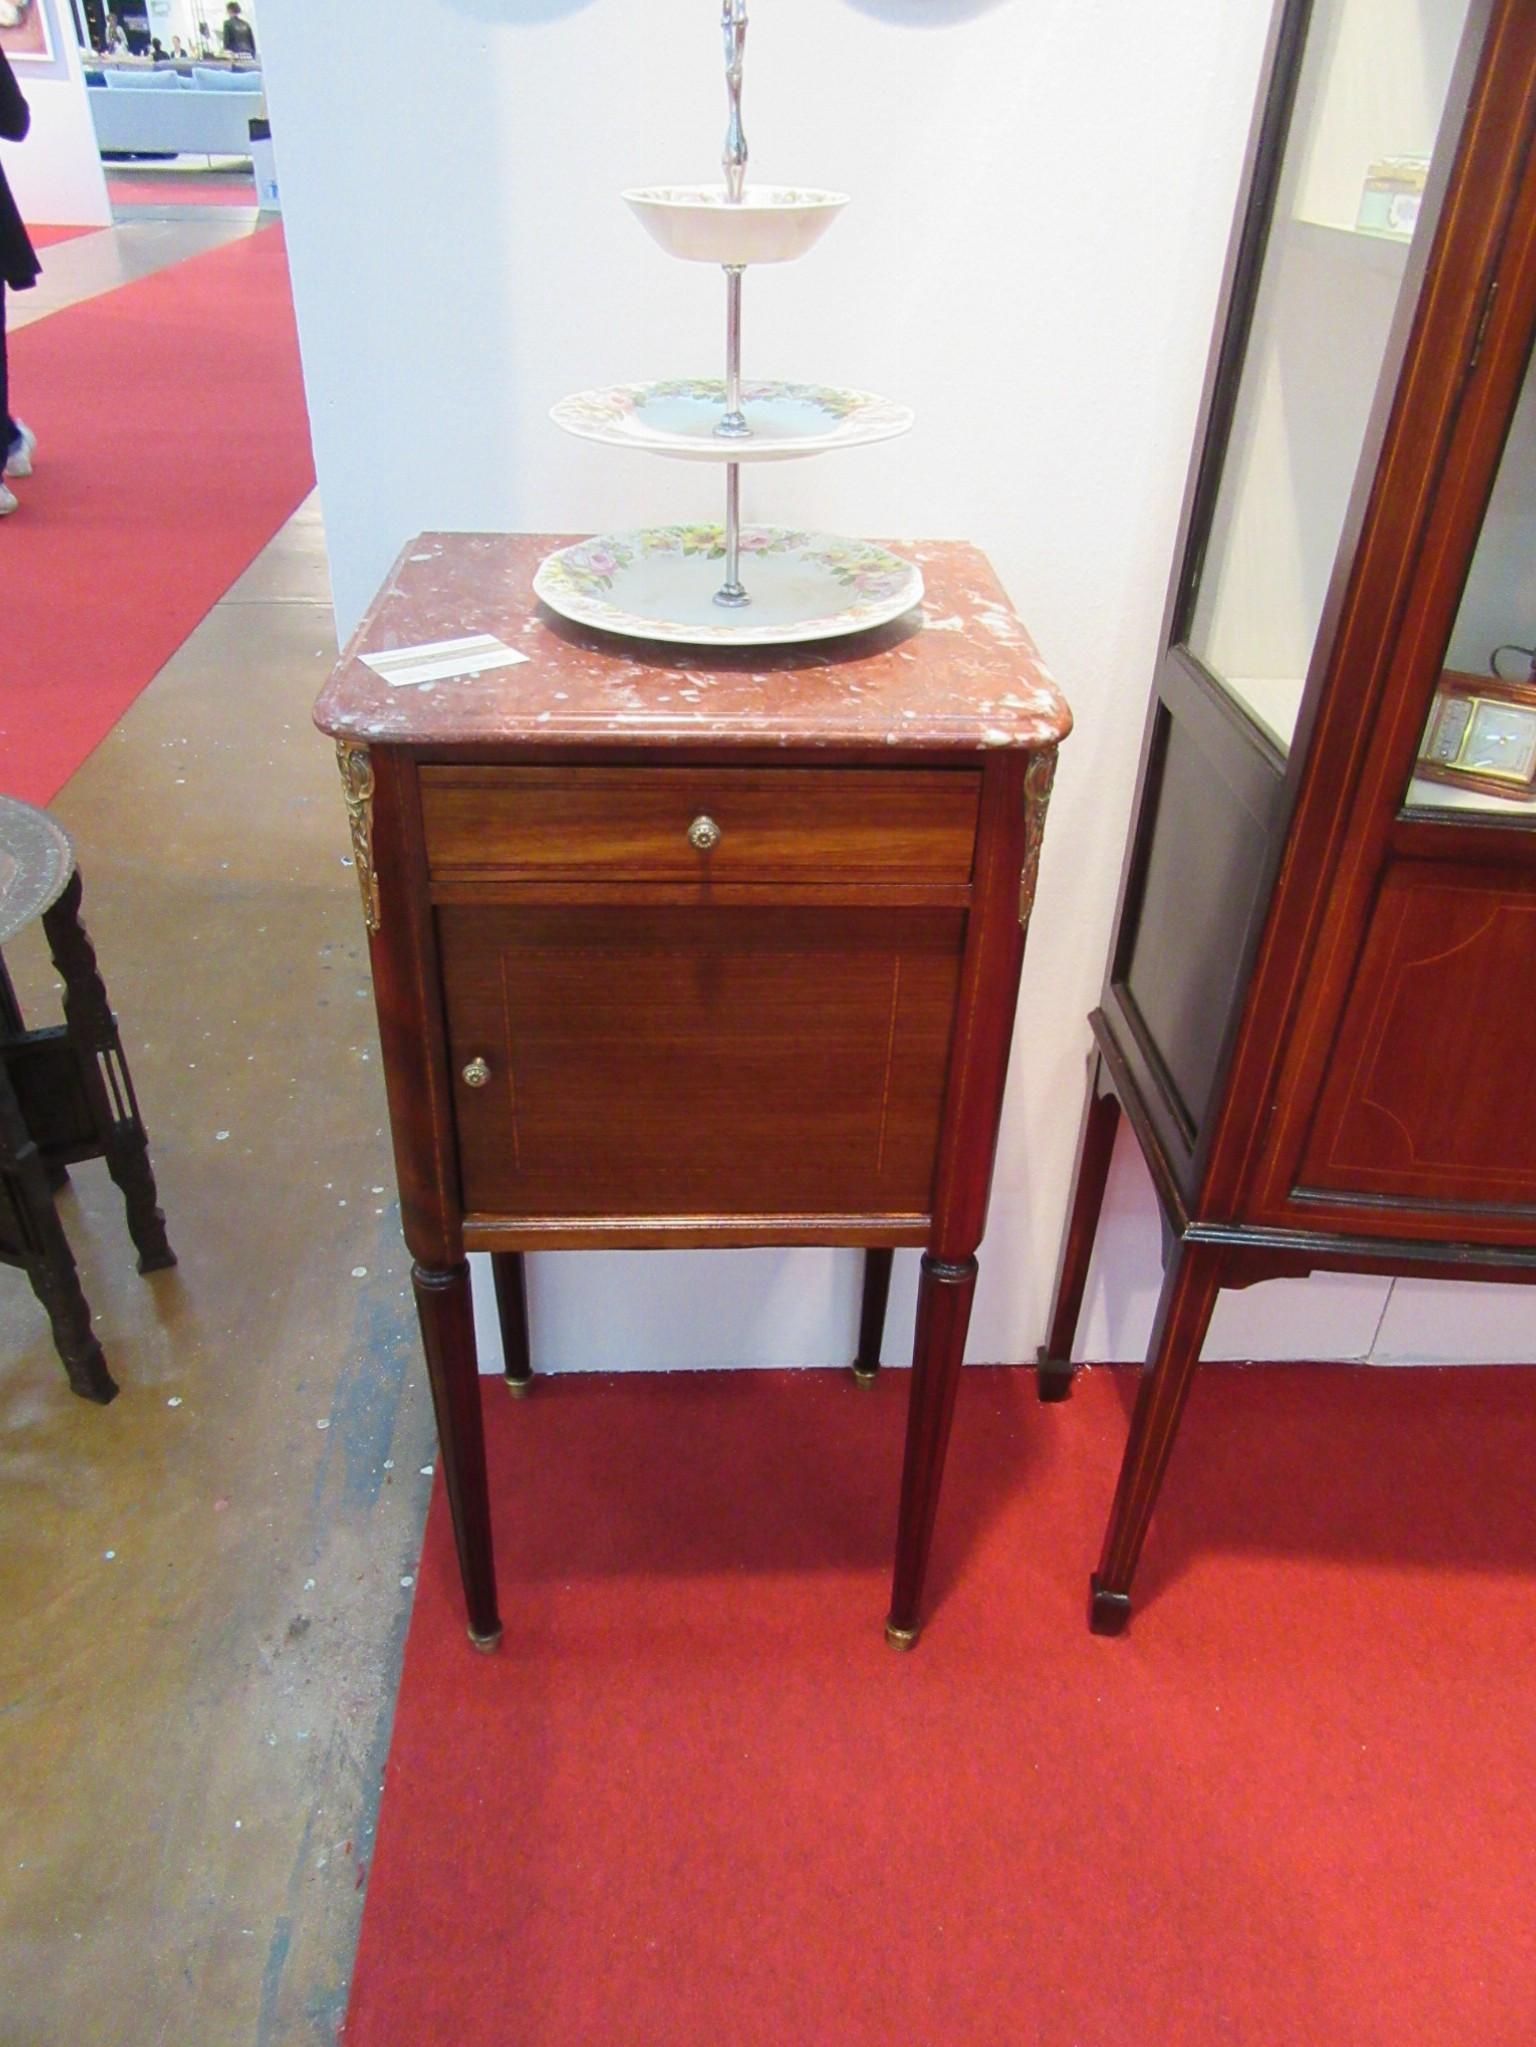 Comodino napoleone iii arredamento mobili antiquariato musetti - Valutazione mobili usati ...